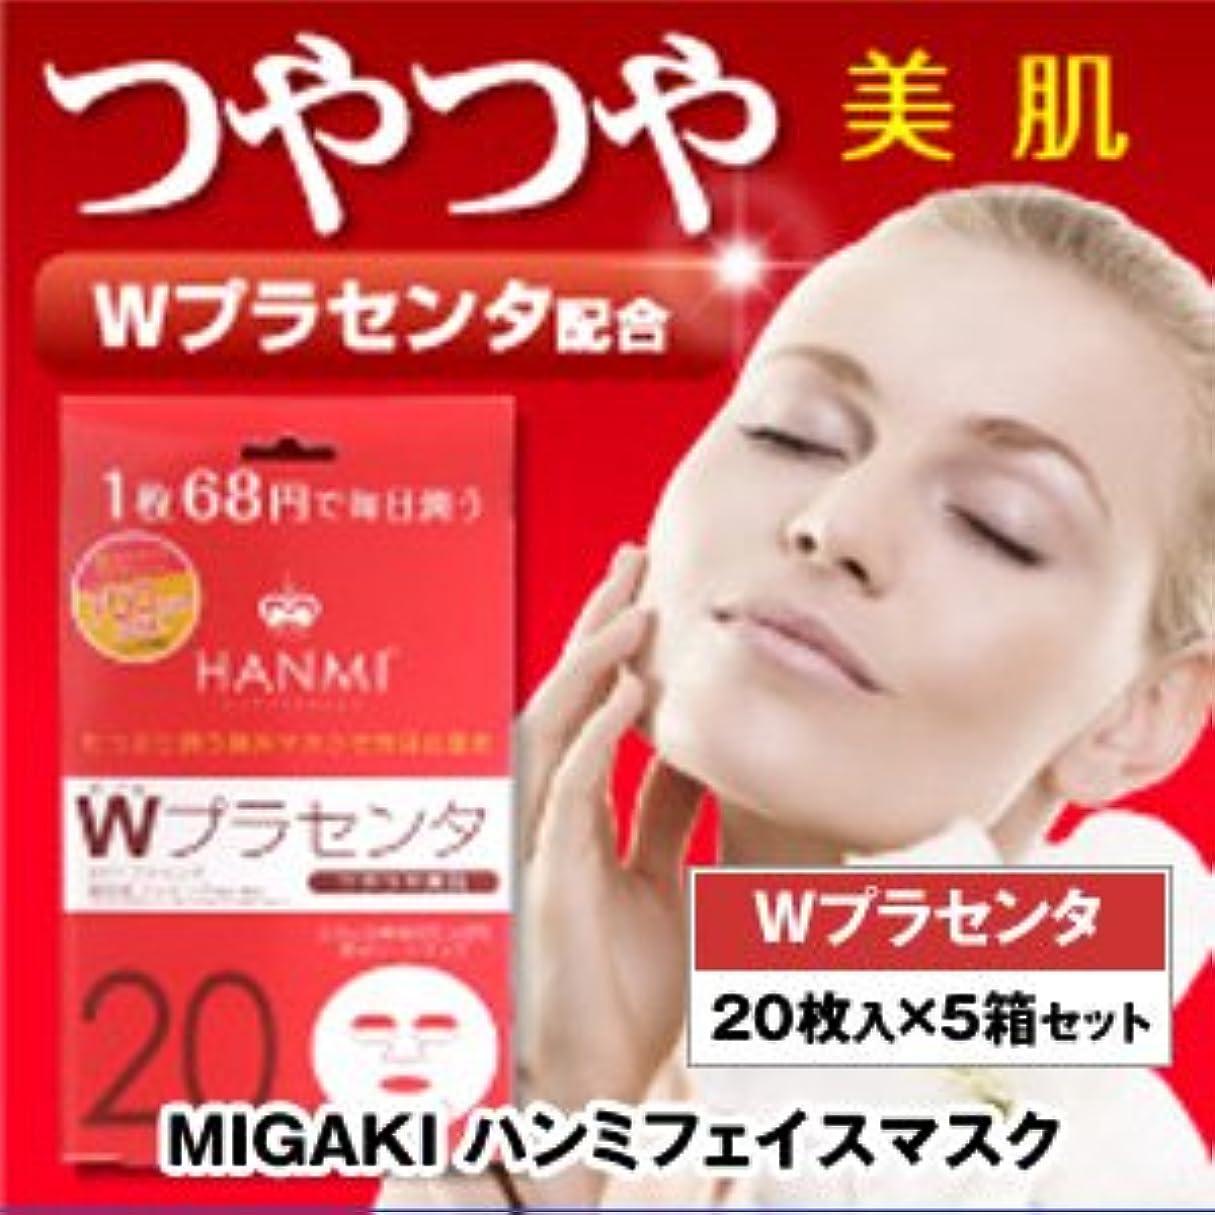 北へ所持ぶどうMIGAKI ハンミフェイスマスク Wプラセンタ 5箱セット